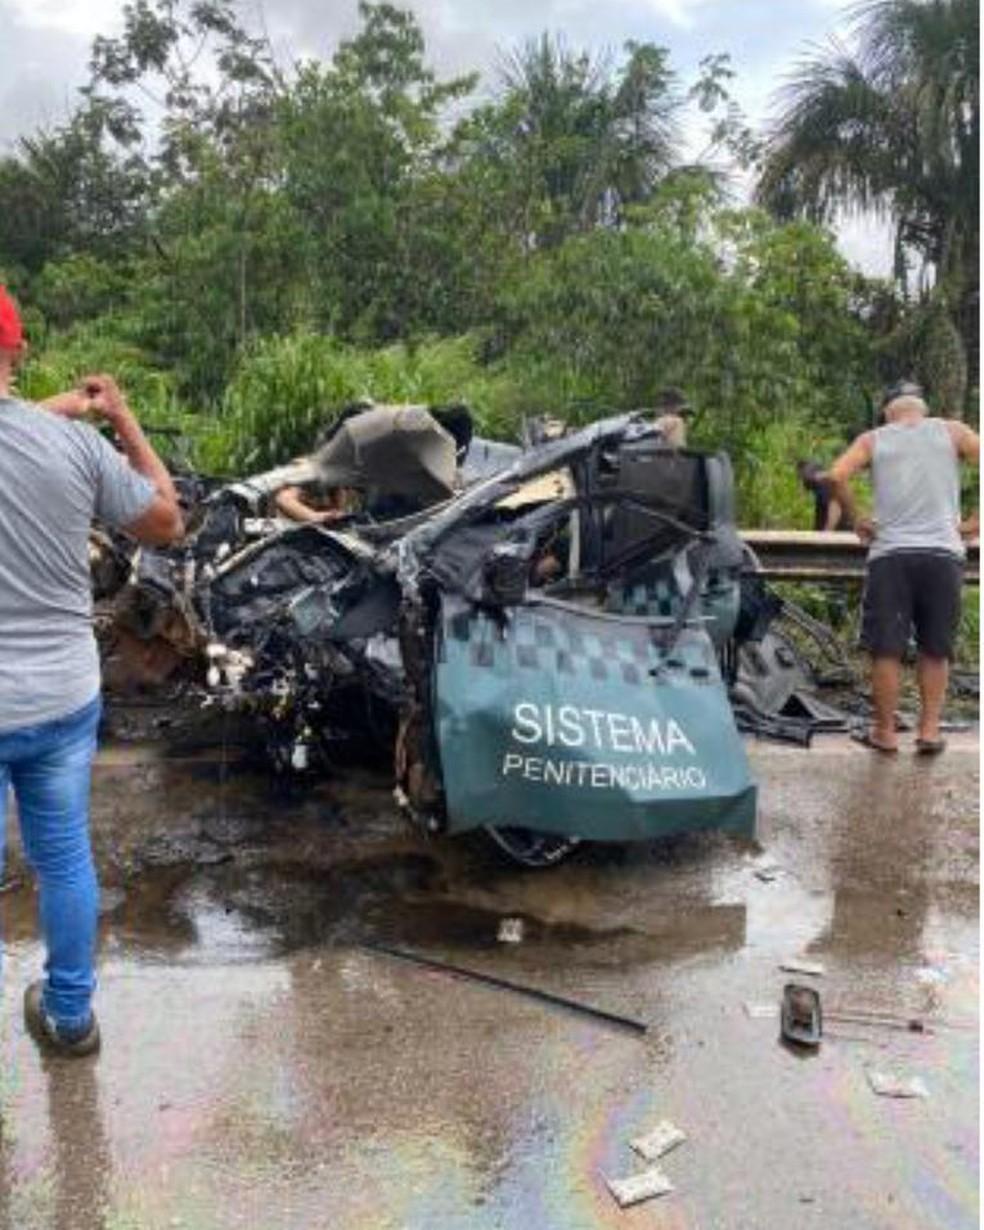 Carro oficial ficou destruído em acidente na BR-163 — Foto: Divulgação